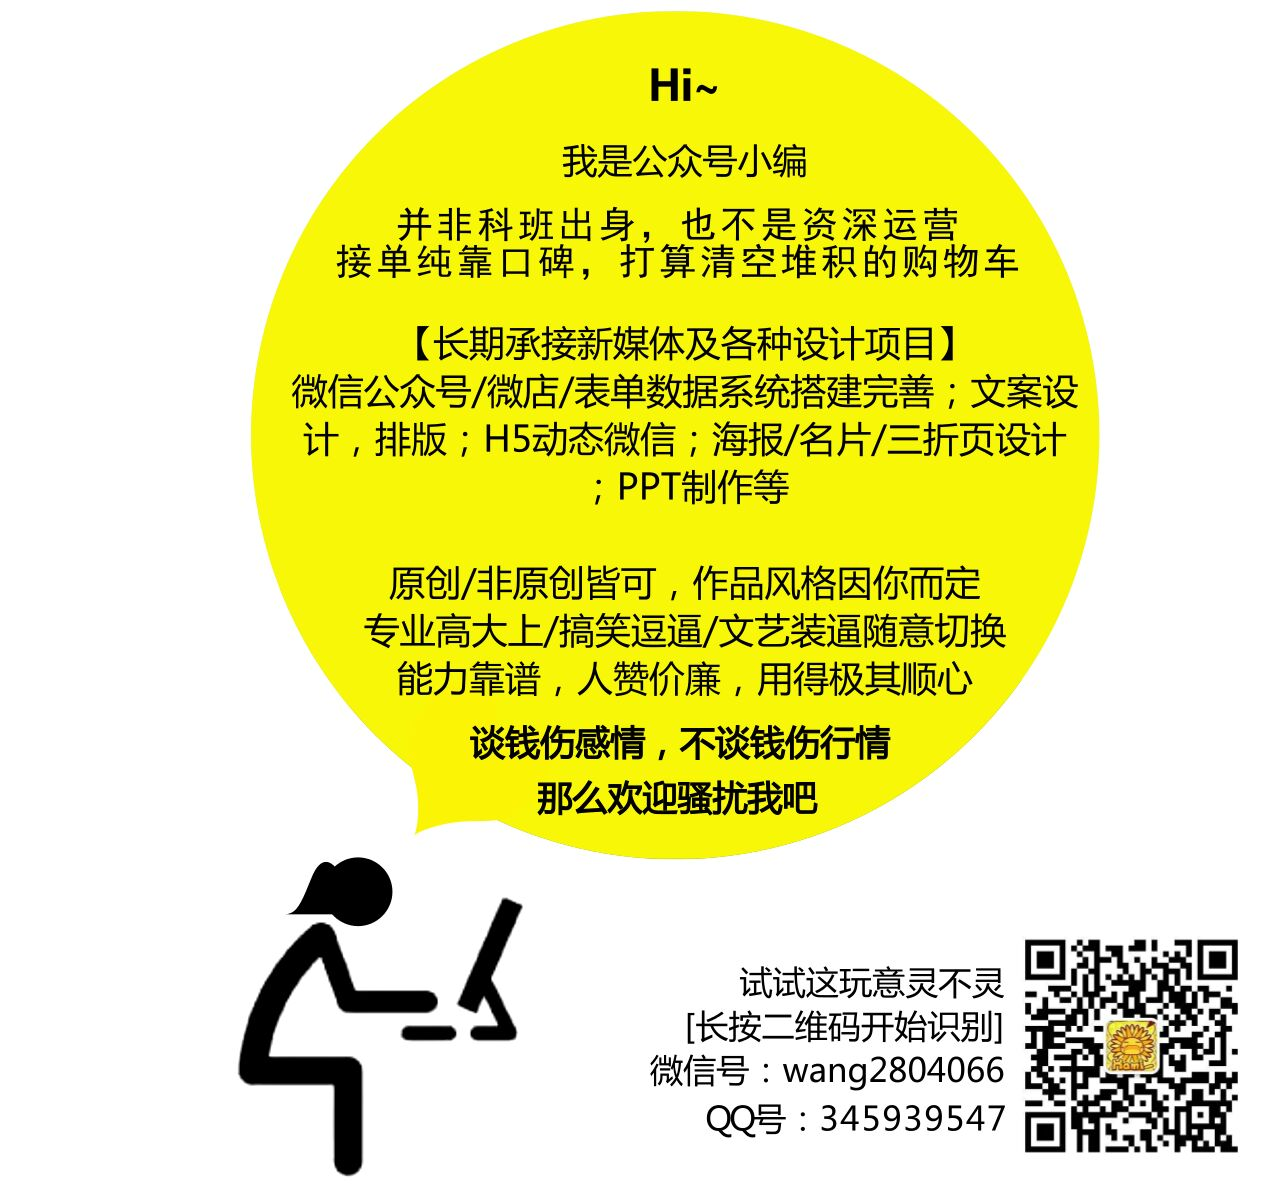 微信公众号/微店/H5宣传页/PPT/各种平面设计等!个人接单,物美价廉!